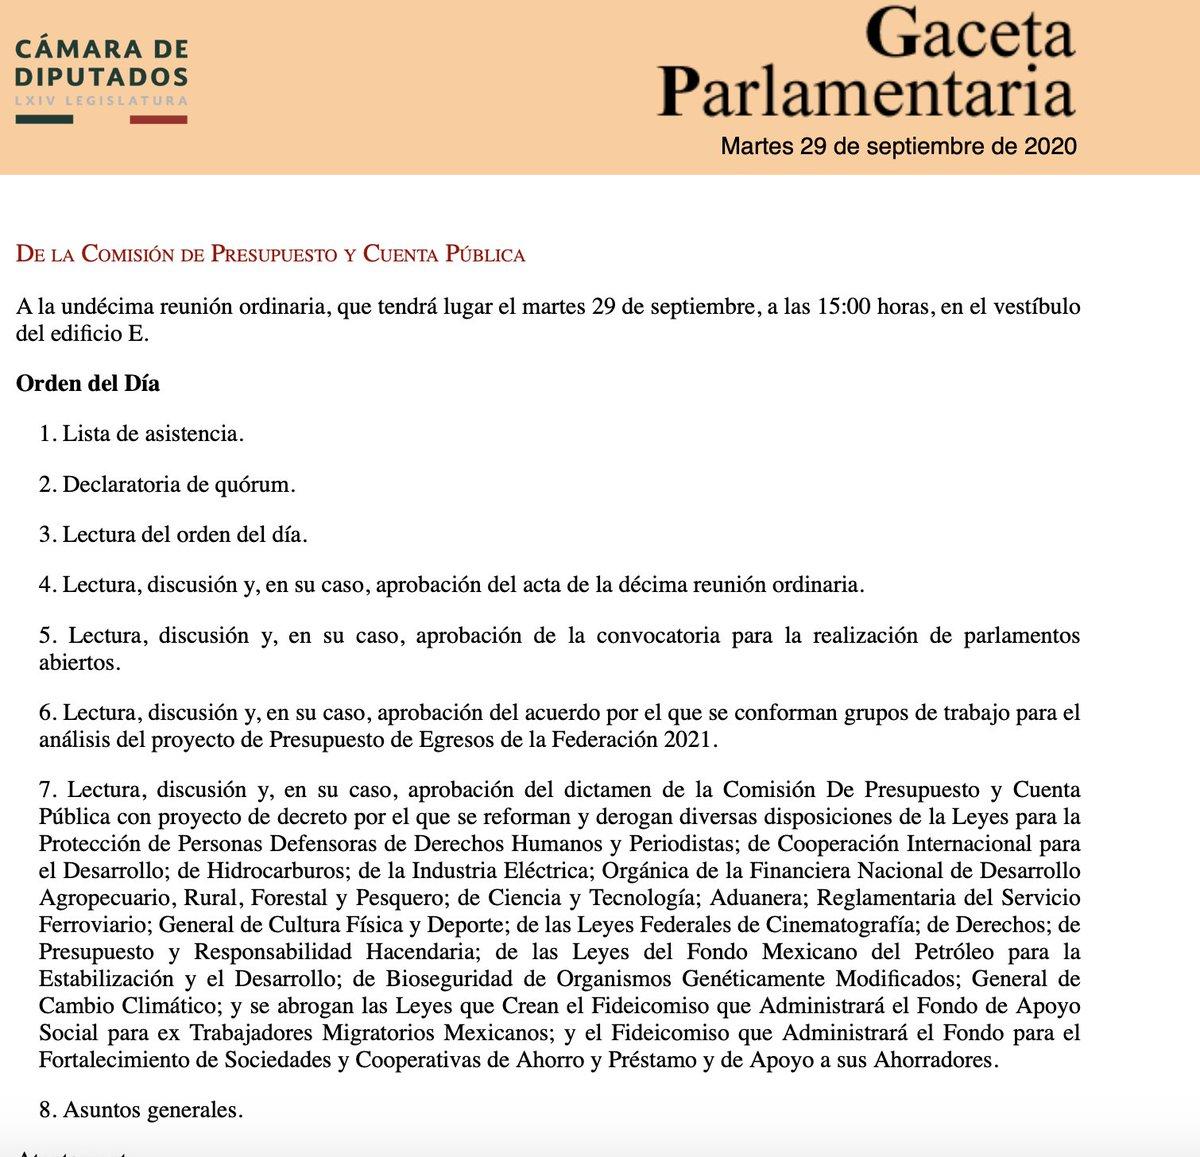 En México, a las 15:00 hrs de hoy, 29 septiembre, se discute y vota, en la Comisión de Presupuesto de la Cámara de Diputados, el proyecto de decreto que extingue los fideicomisos de investigación científica #FideicomisoPorLaCiencia #FideicomisosDeCiencia https://t.co/7Ua0Y7ja7p